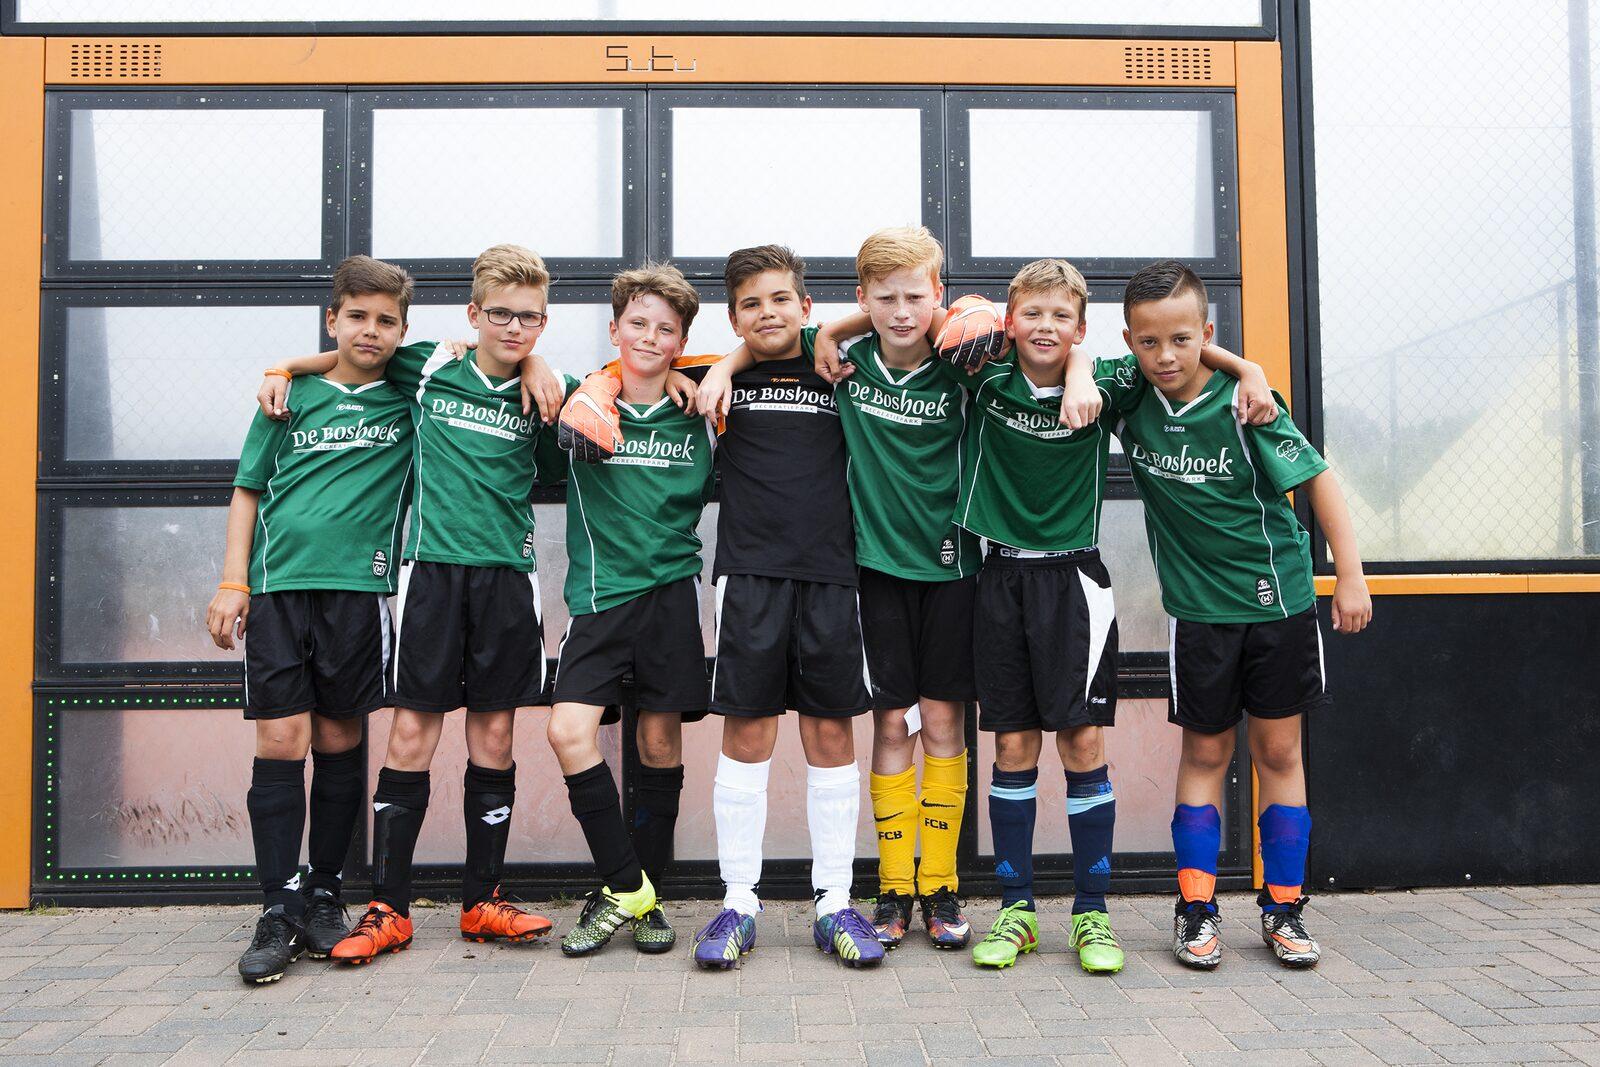 Voetbalschool op vakantie op De Boshoek